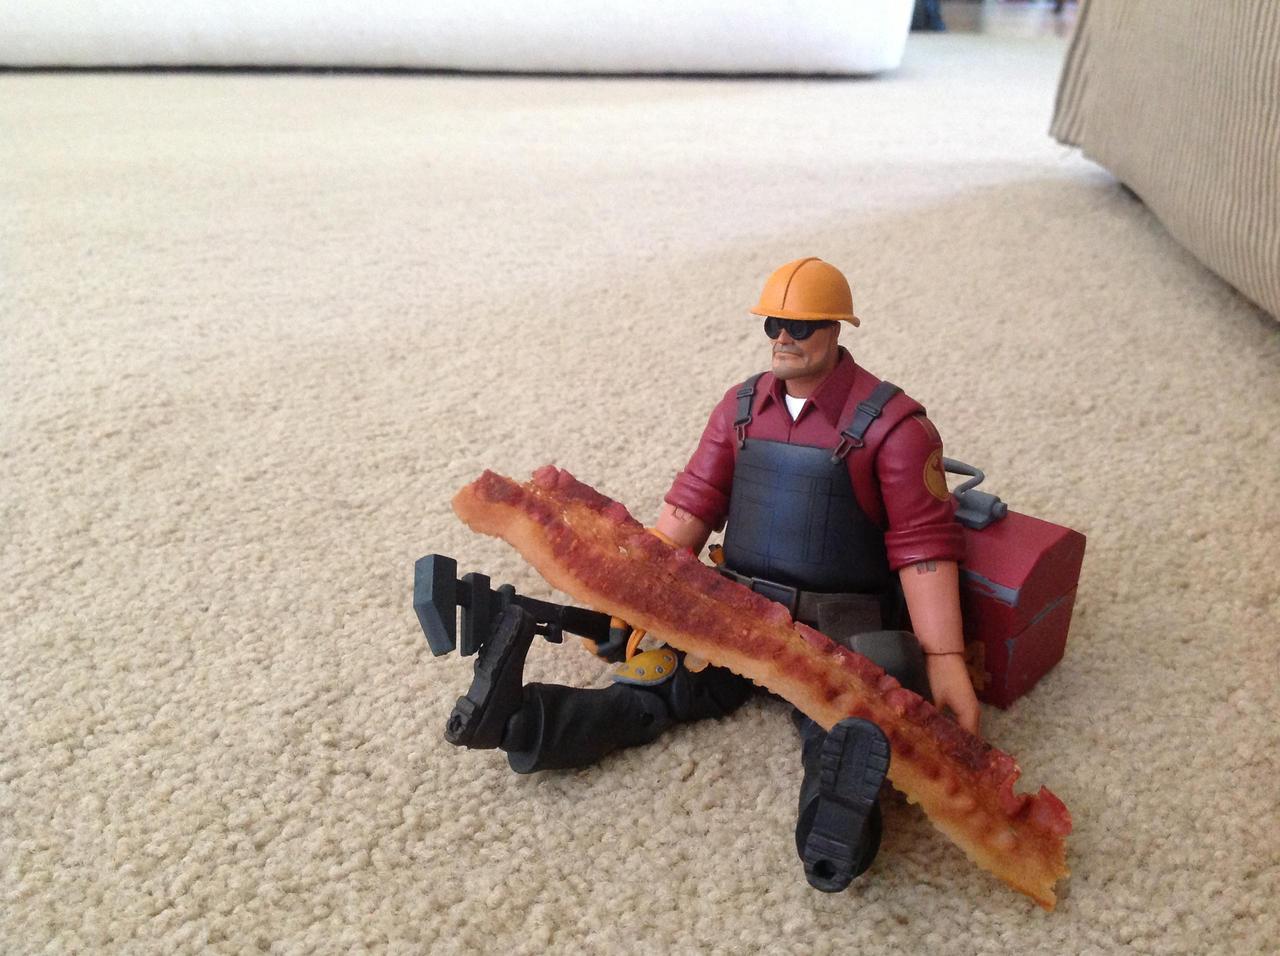 Makin Bacon. by LuigiFan00001